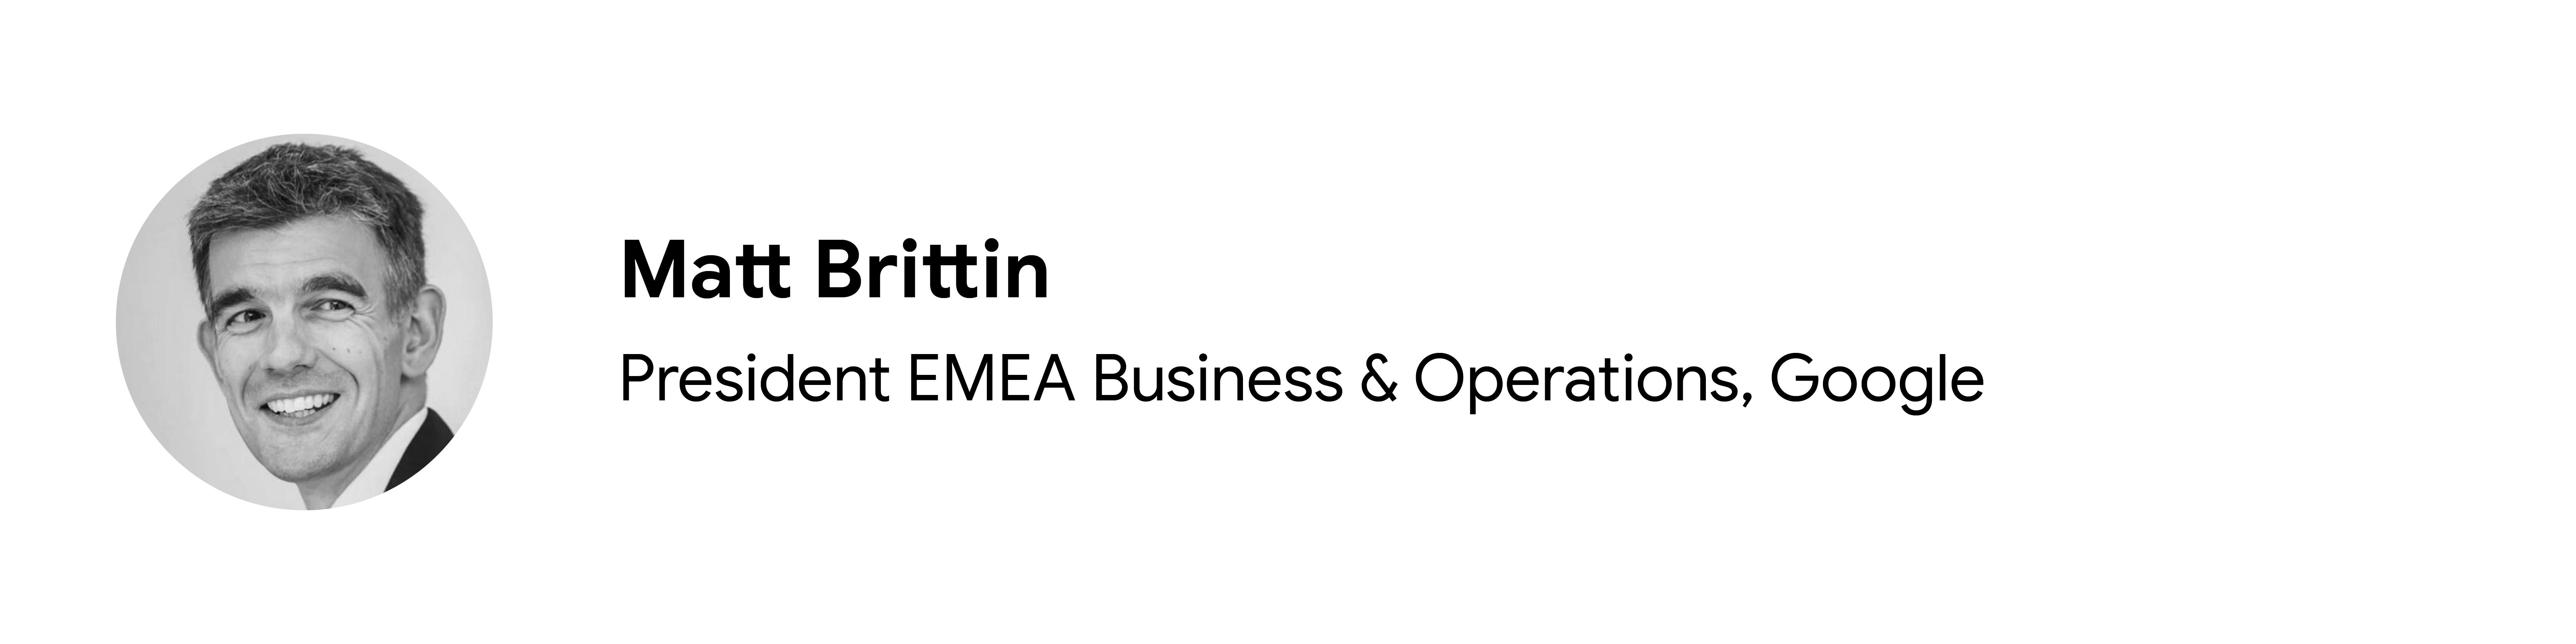 Katkıda bulunan Matt Brittin'in siyah beyaz vesikalık fotoğrafı, EMEA İş ve Operasyonlar Başkanı, Google